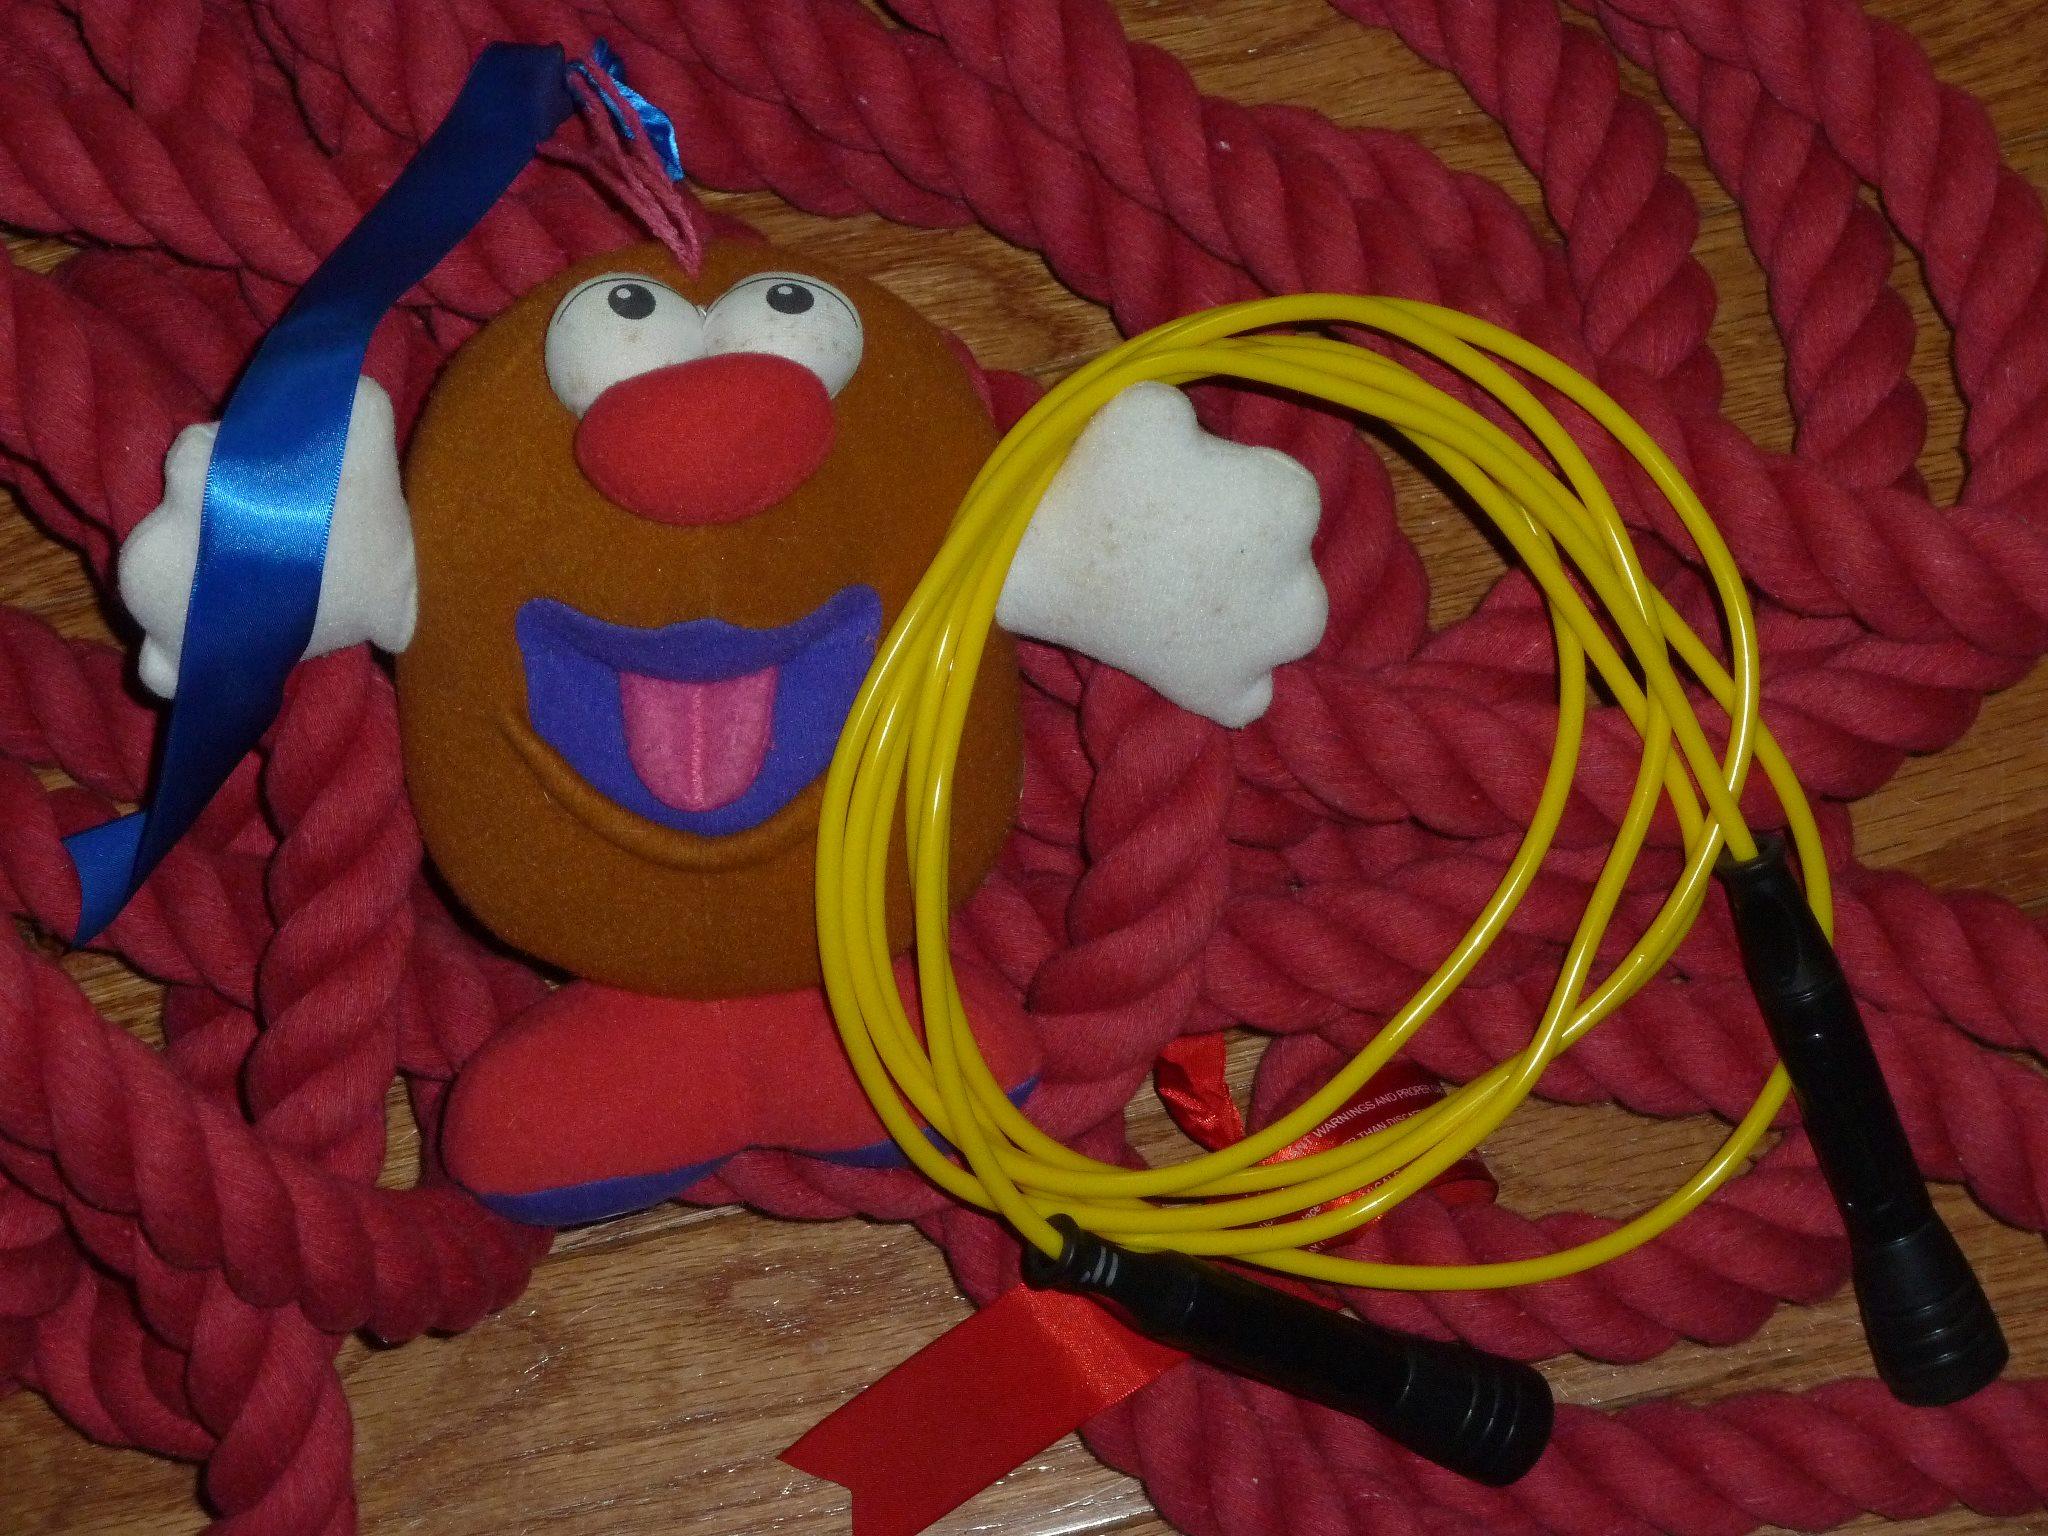 punk rope toys339474_412843405419205_1488544831_o